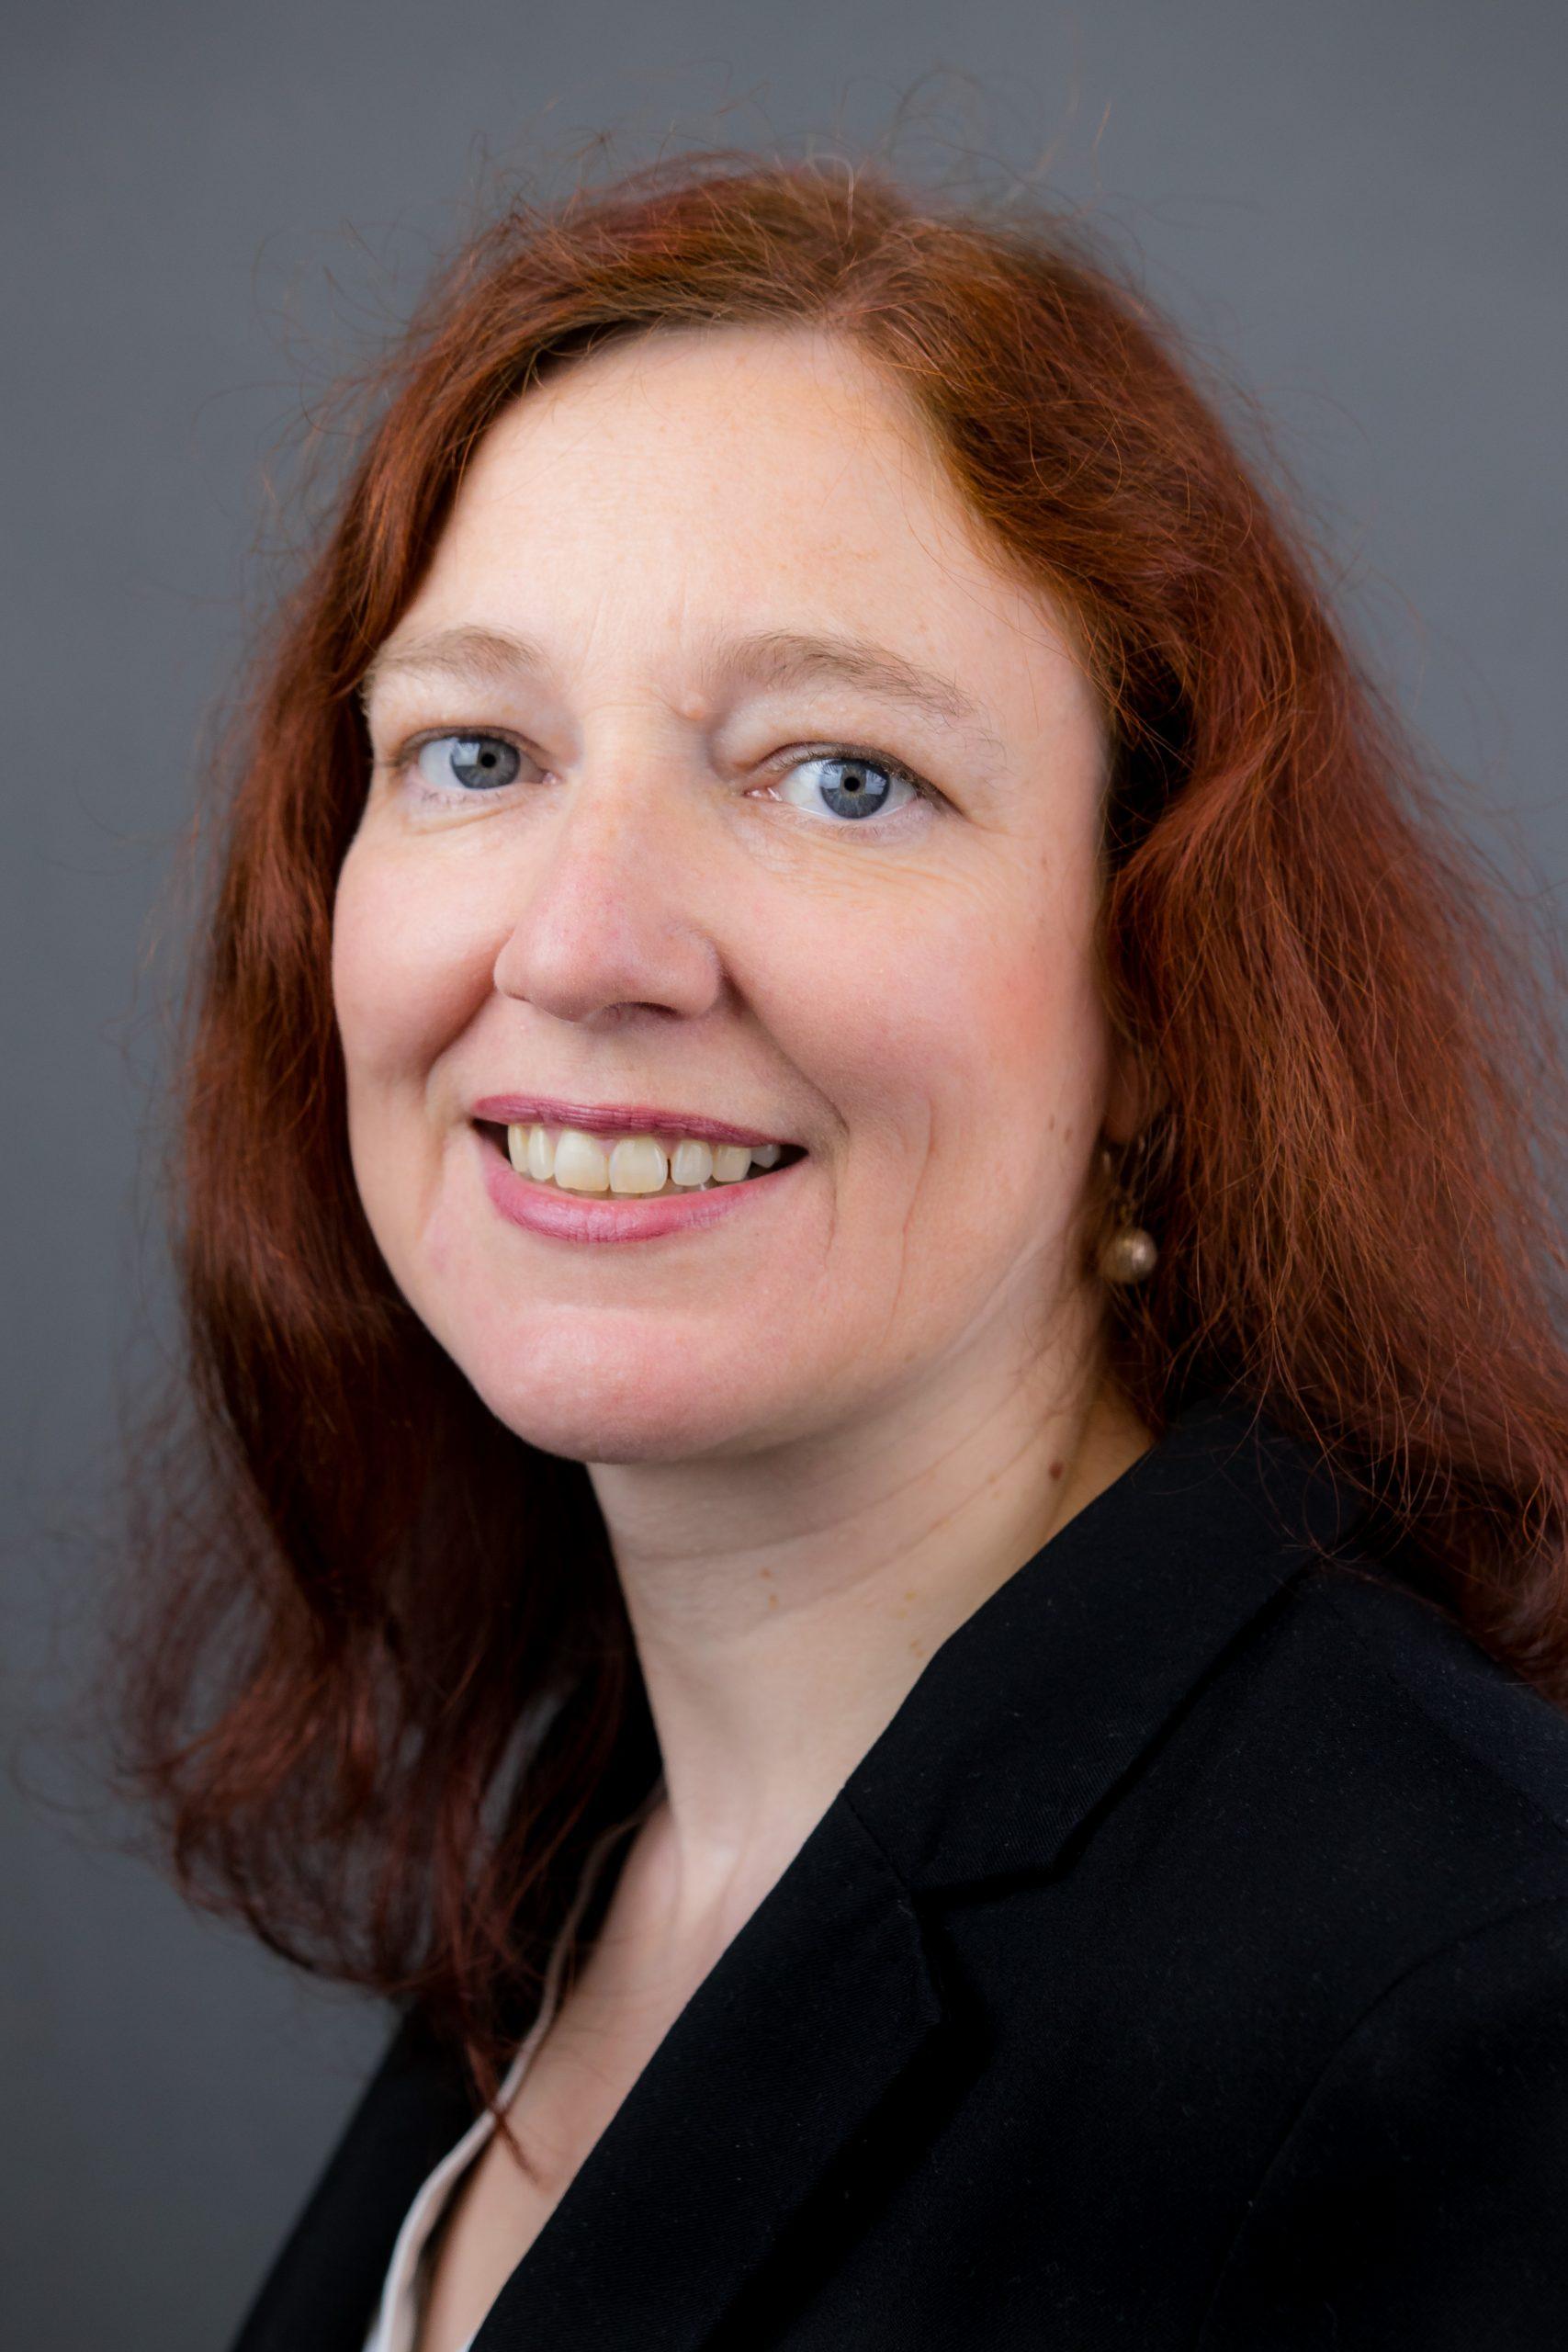 Fiona Schnüttgen